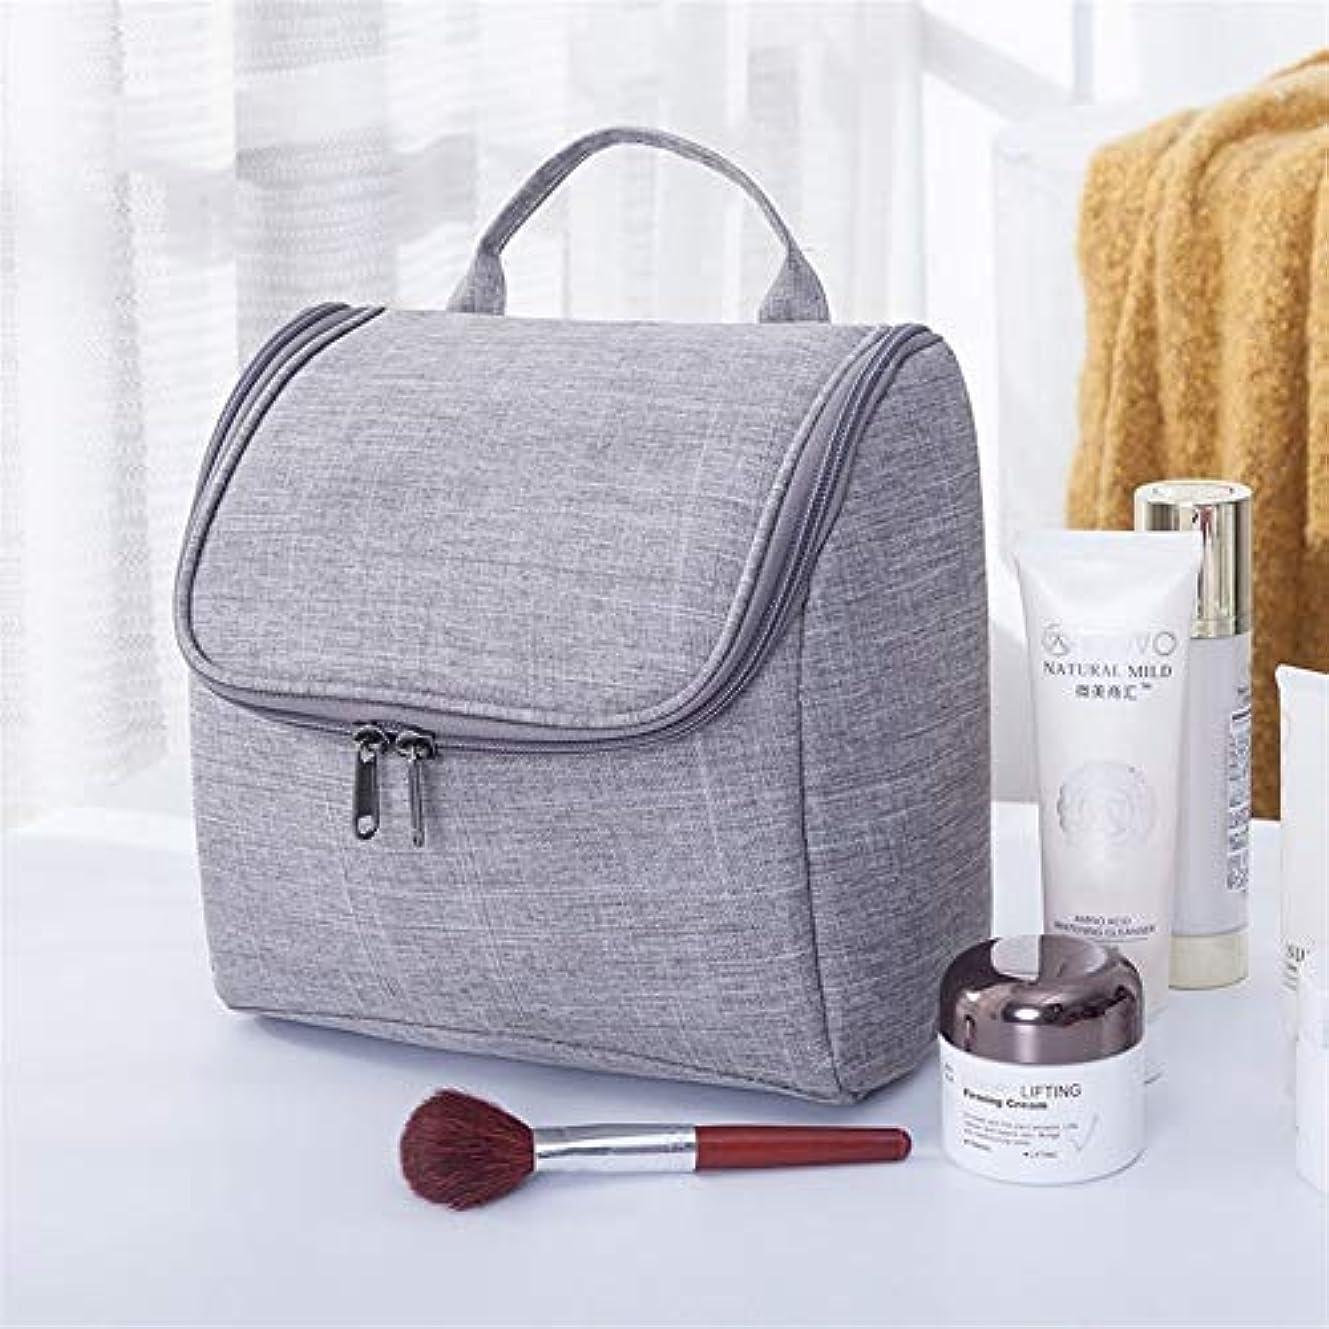 深める神の裏切る化粧品バッグ女性化粧品バッグ旅行必需品オーガナイザーポータブル男性化粧ケース美容師の女性化粧品ウォッシュポーチ (Color : Gray)